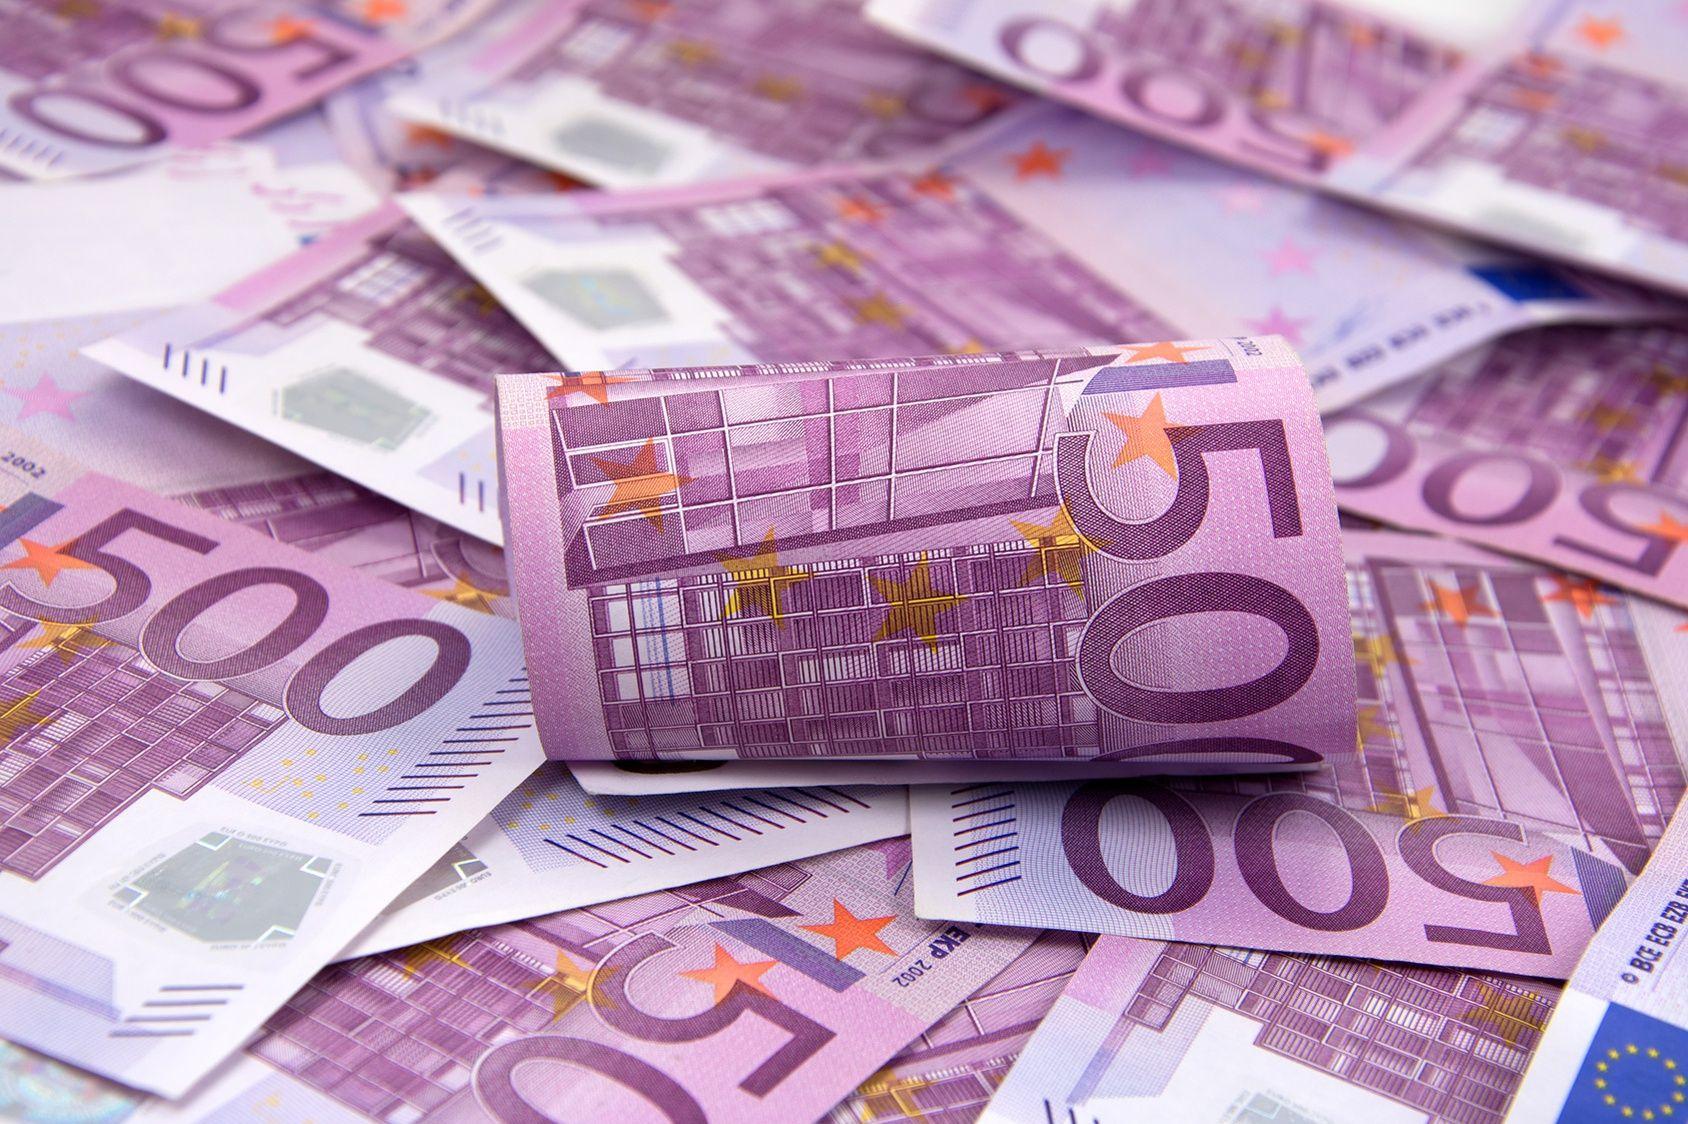 La Bce Va Cesser D'imprimer Les Billets De 500 Euros Fin 2018 pour Billet De 50 Euros À Imprimer